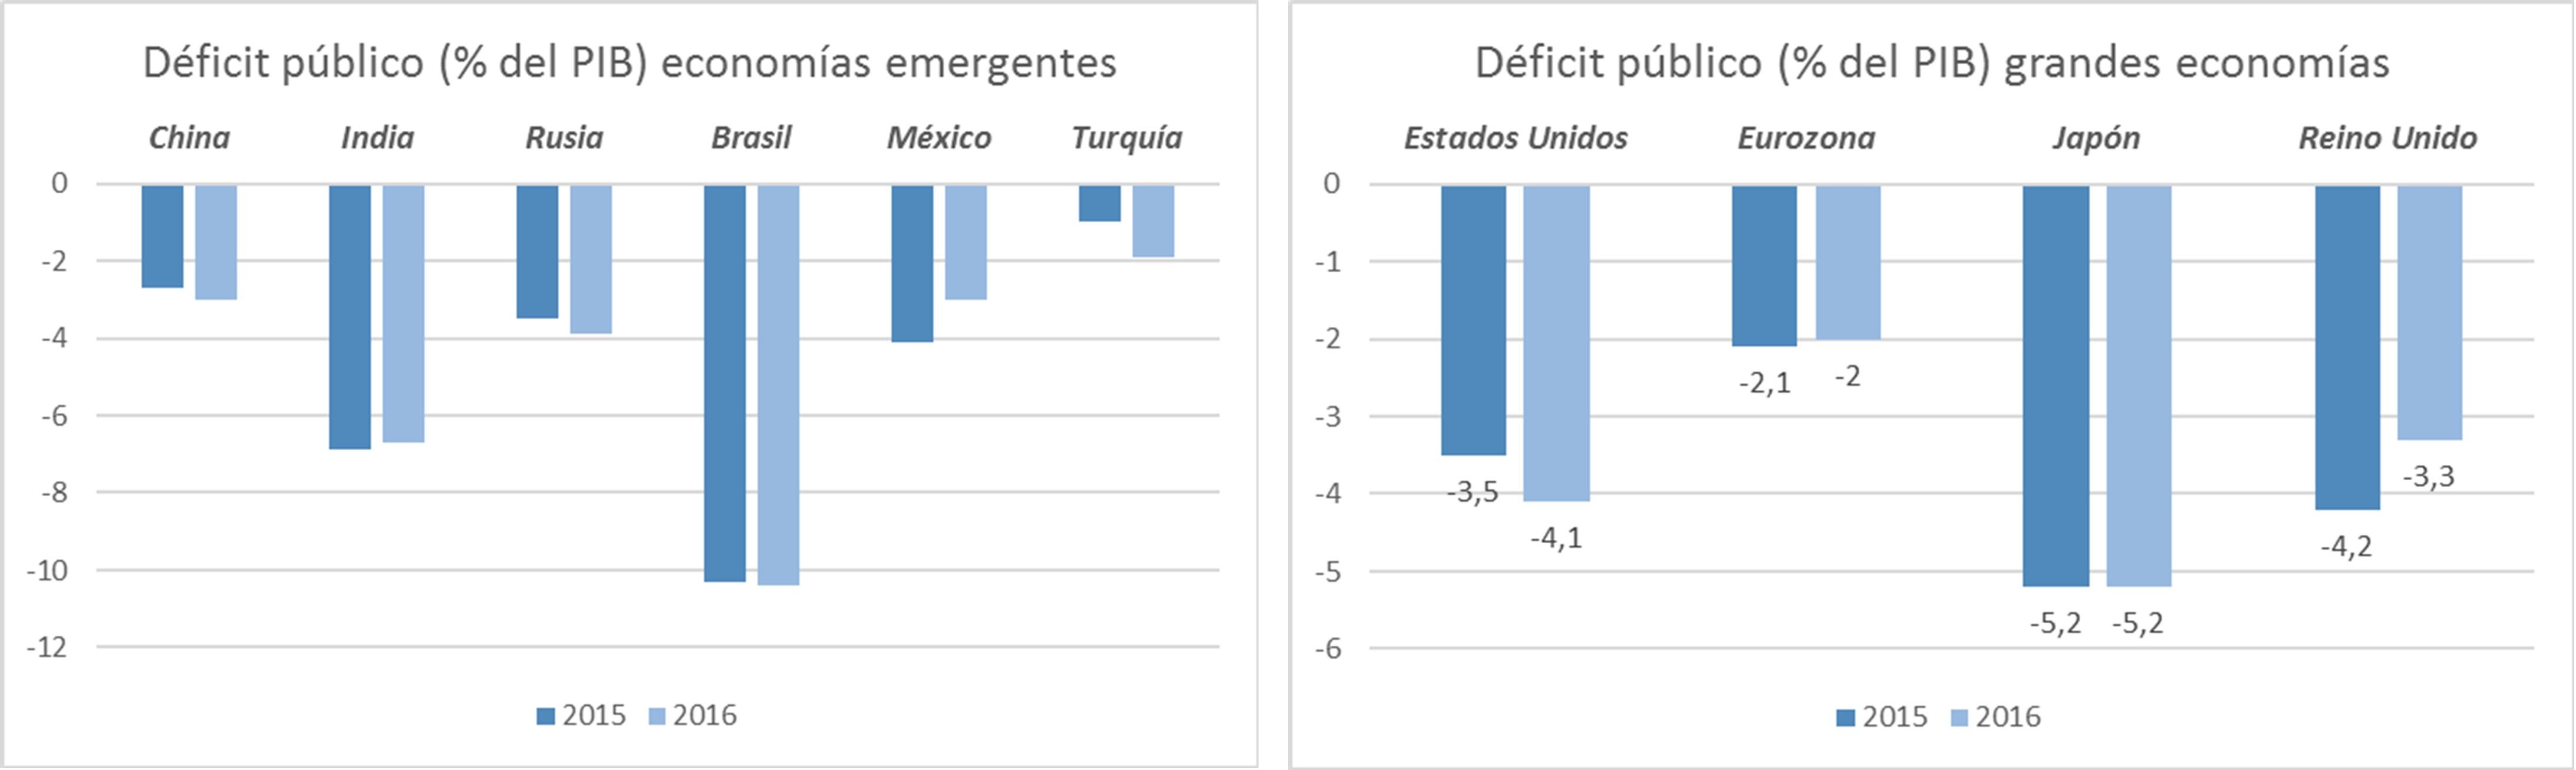 ESADE prevé que la economía española mantendrá un buen crecimiento en 2017, pero el reto es la reducción del déficit público